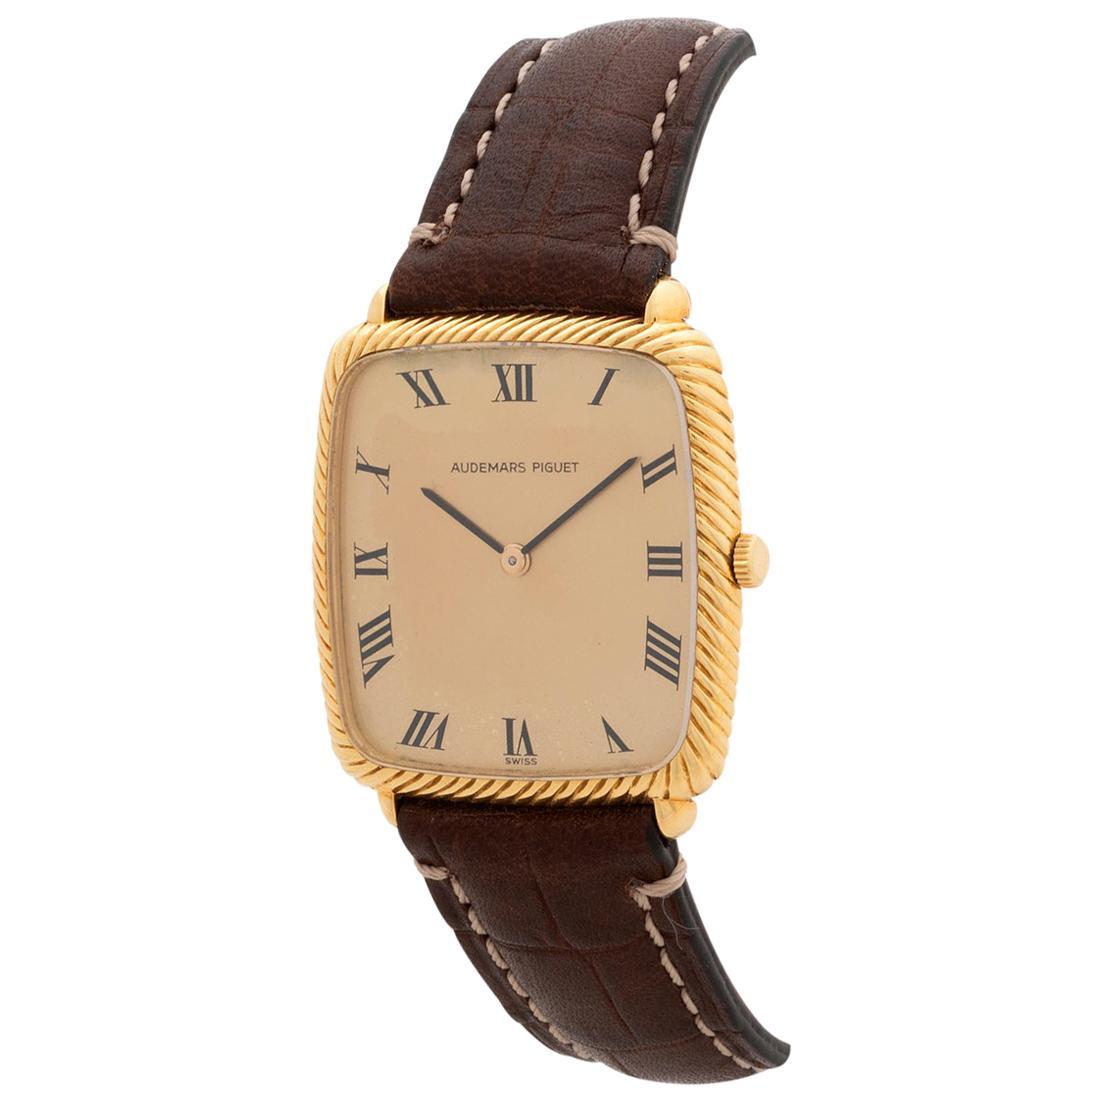 Vintage Audemars Piguet Dress Watch, 18 Karat Yellow Gold Case